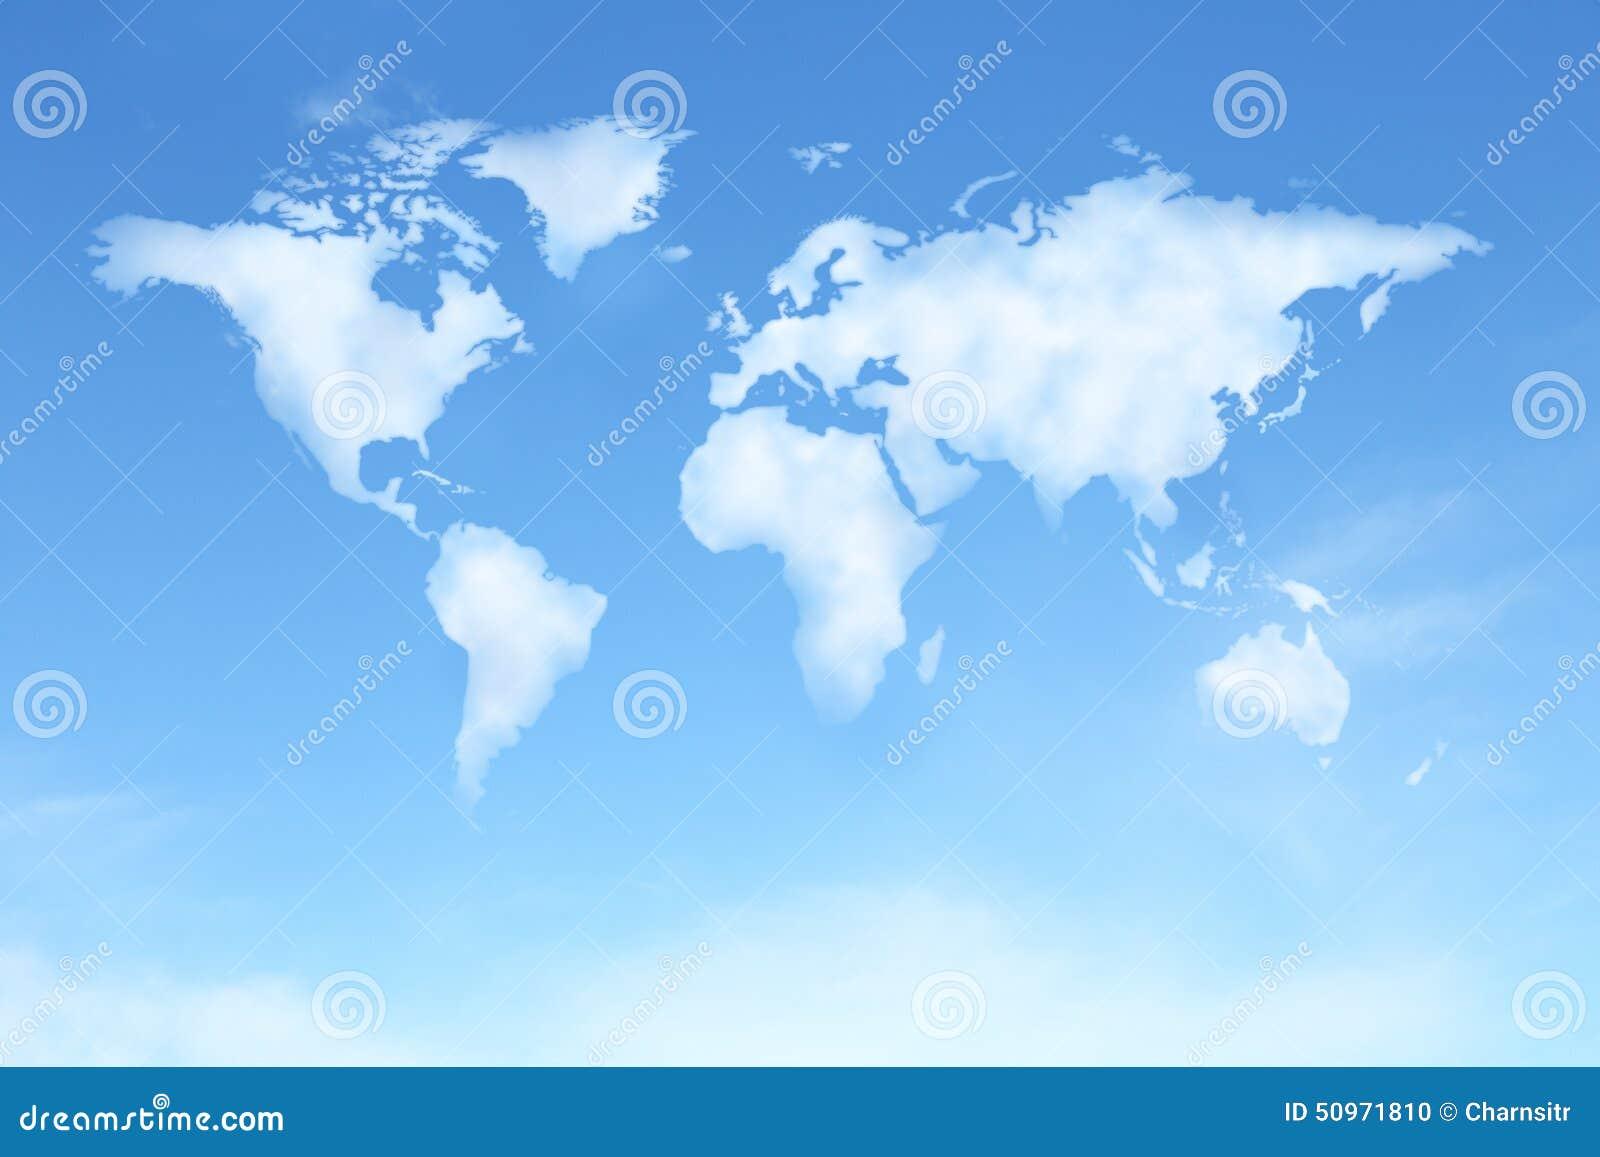 Ciel bleu clair avec la carte du monde dans la forme de nuage illustration st - Image ciel bleu clair ...